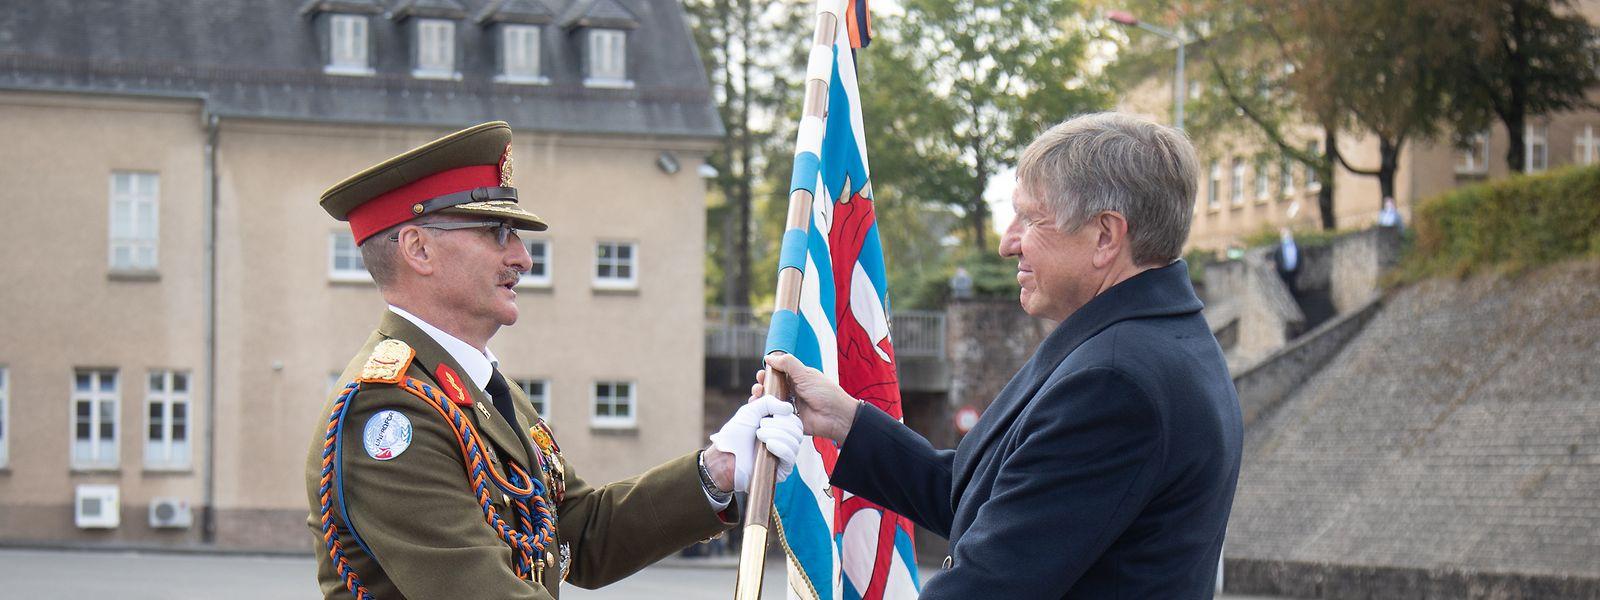 General Alain Duschène (links) gibt mit der Fahne symbolisch die Verantwortung über die Truppen bei Verteidigungsminister François Bausch ab.